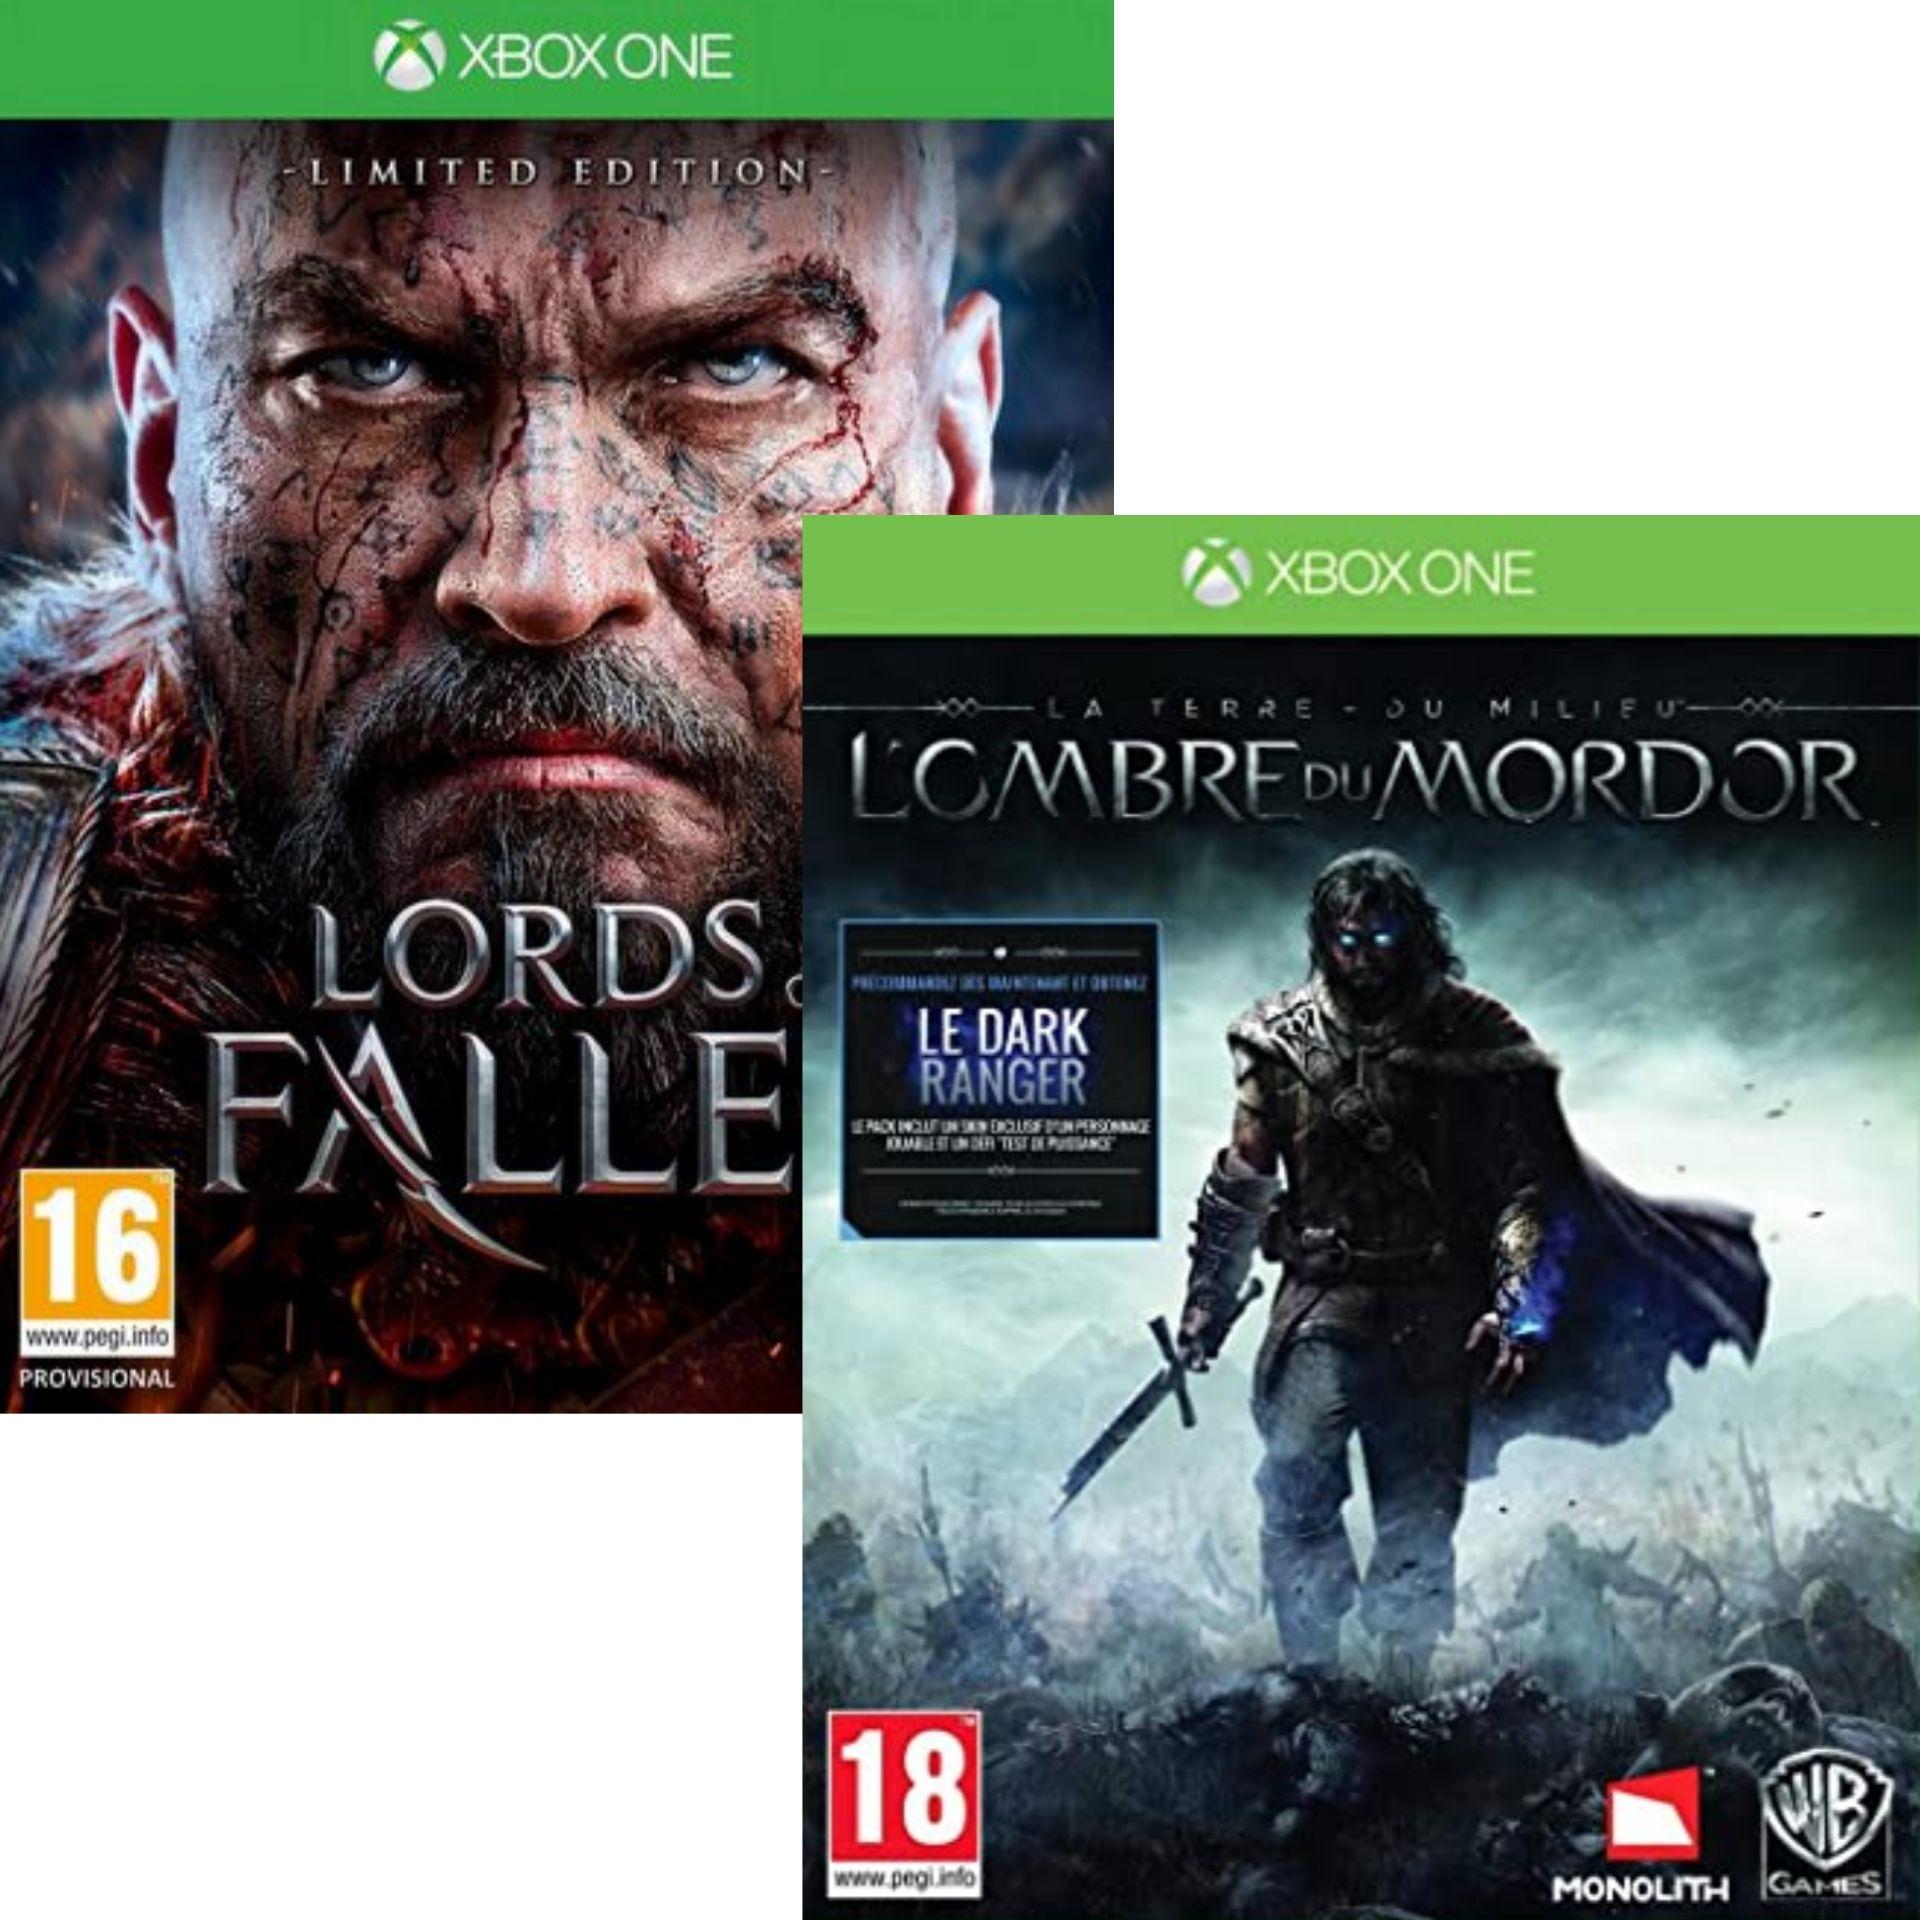 L'ombre du Mordor ou Lords of the Fallen sur Xbox One